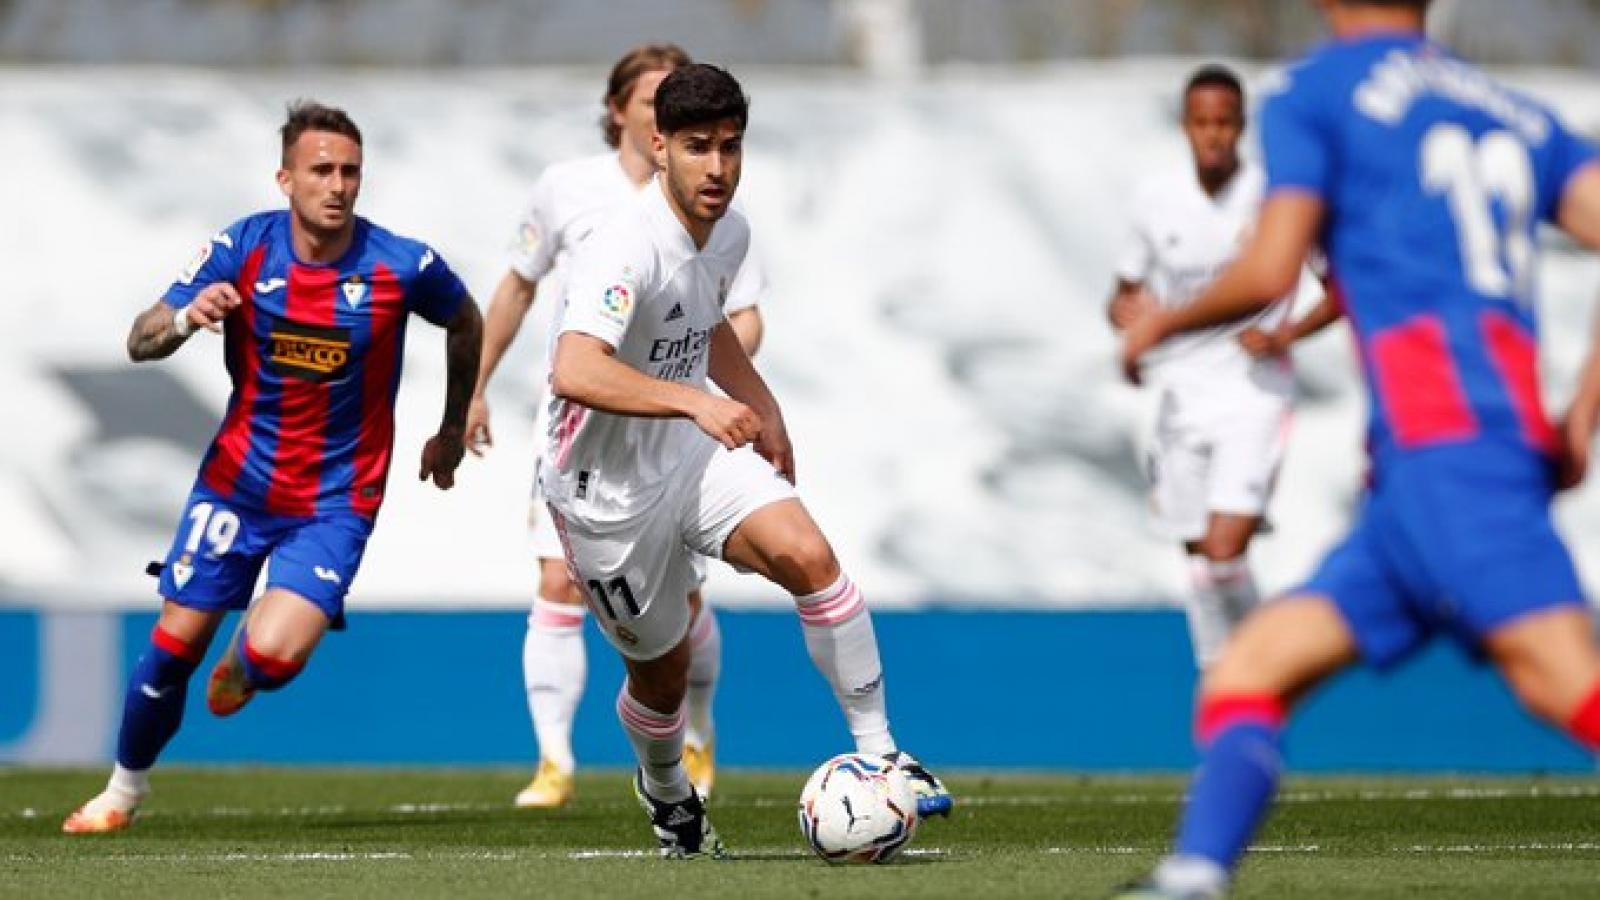 """3 lần bị từ chối bàn thắng, Real Madrid vẫn """"hạ đẹp"""" Eibar"""